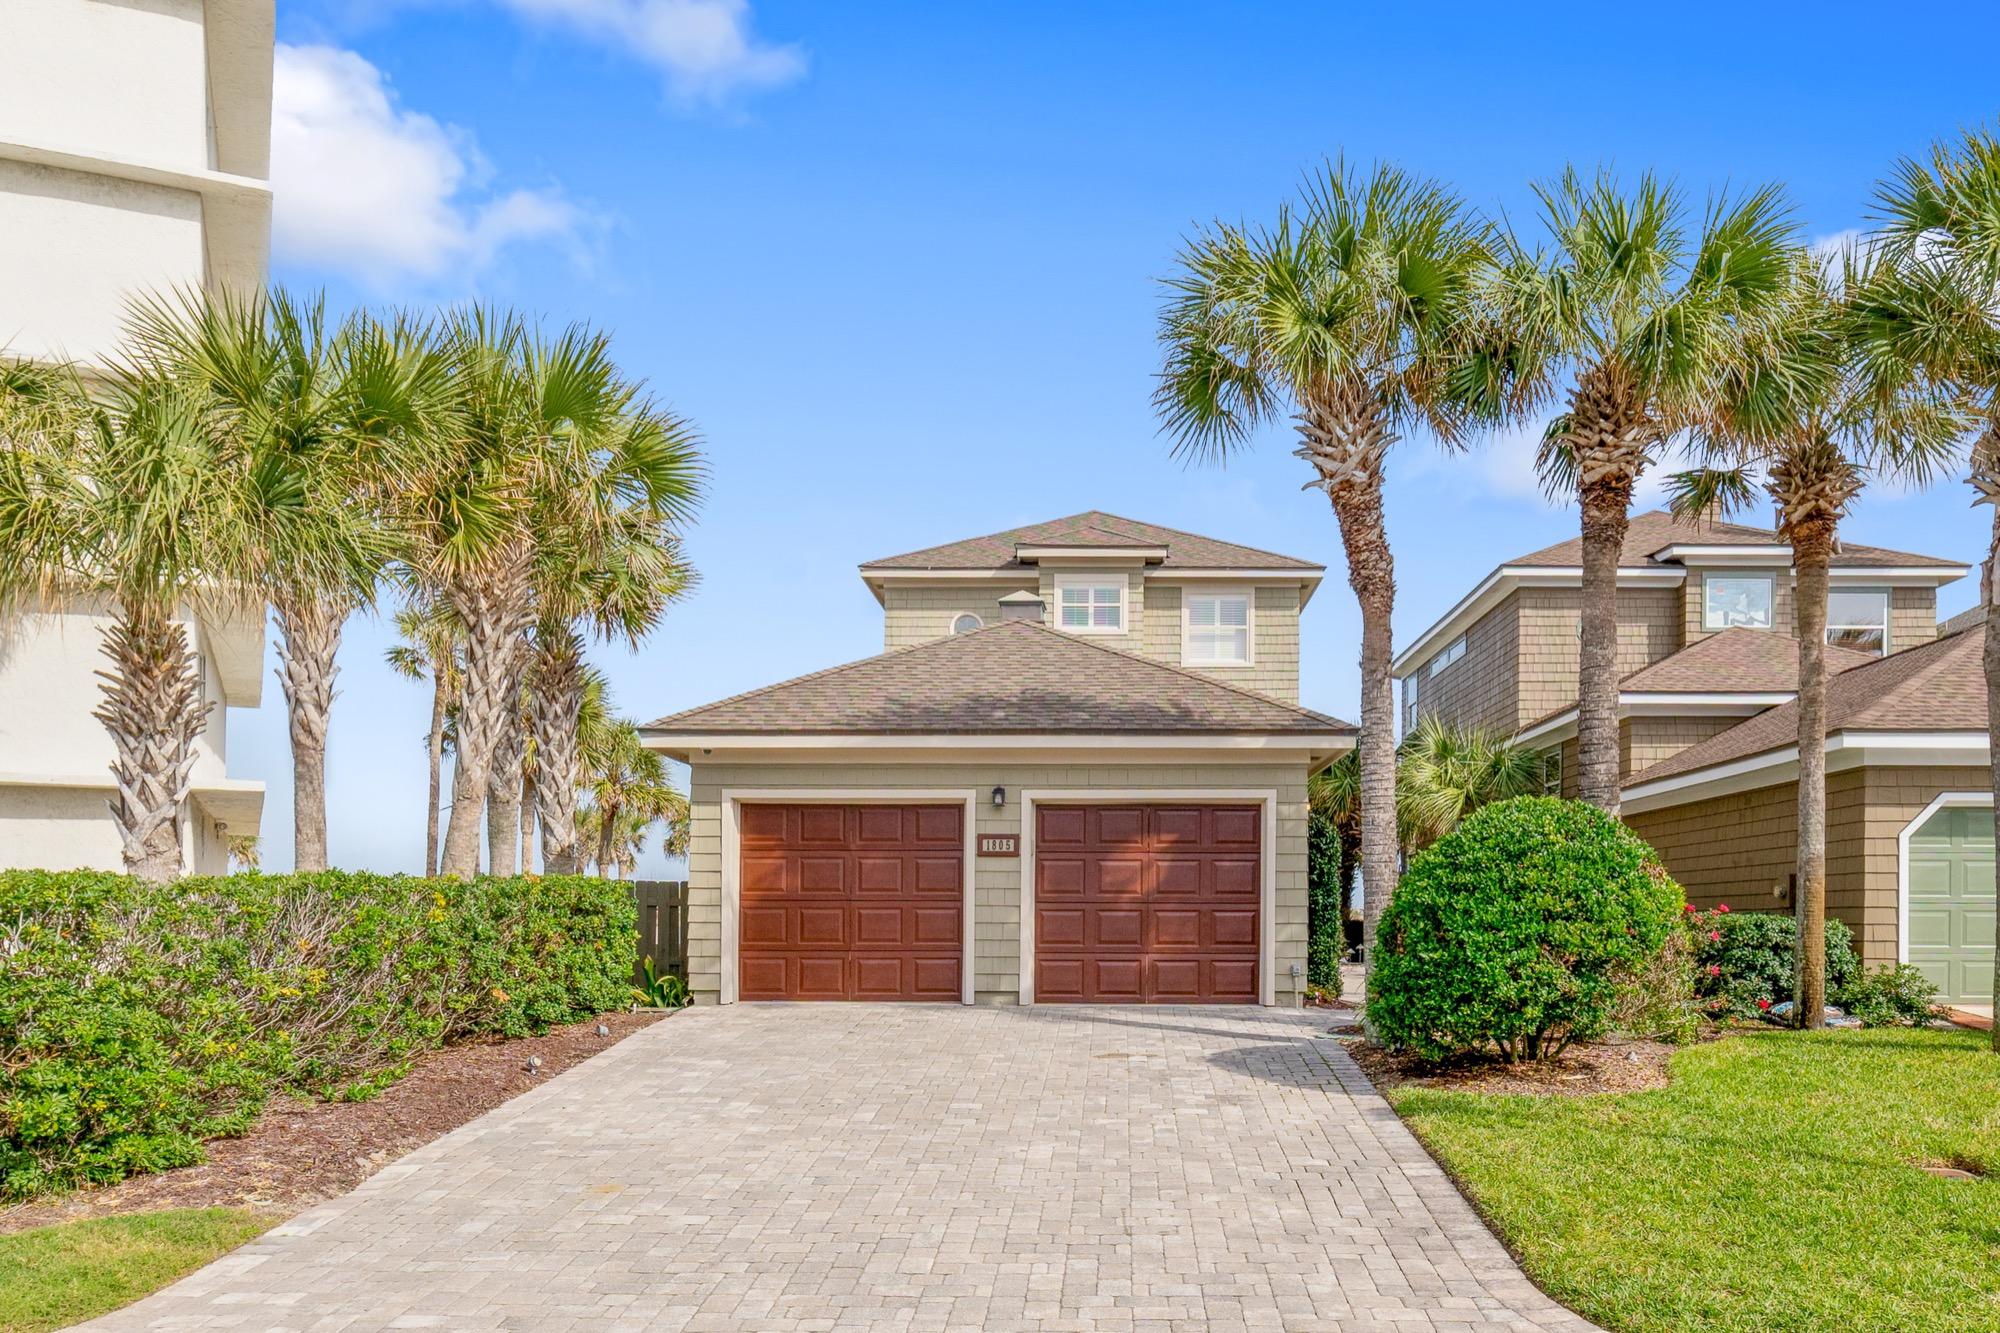 1805 Ocean Dr S, Jacksonville Beach, FL 32250